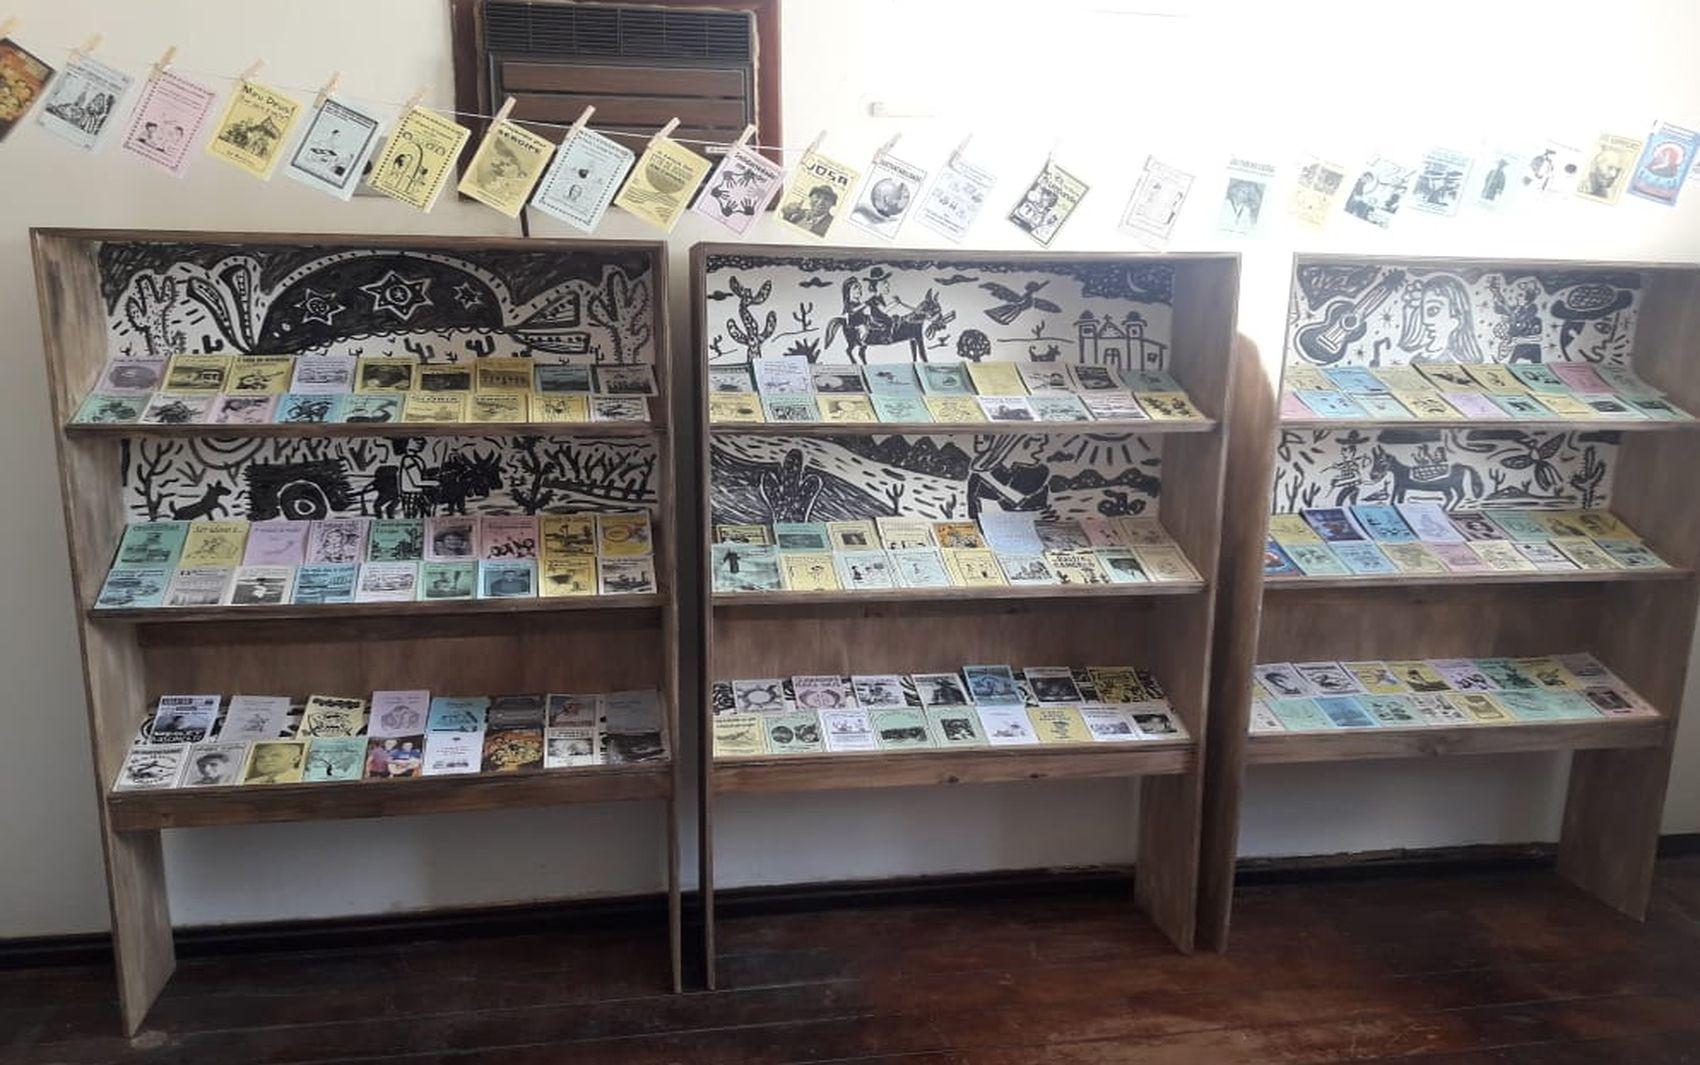 Sala de cordel será inaugurada em biblioteca de Lagarto nesta sexta-feira - Notícias - Plantão Diário